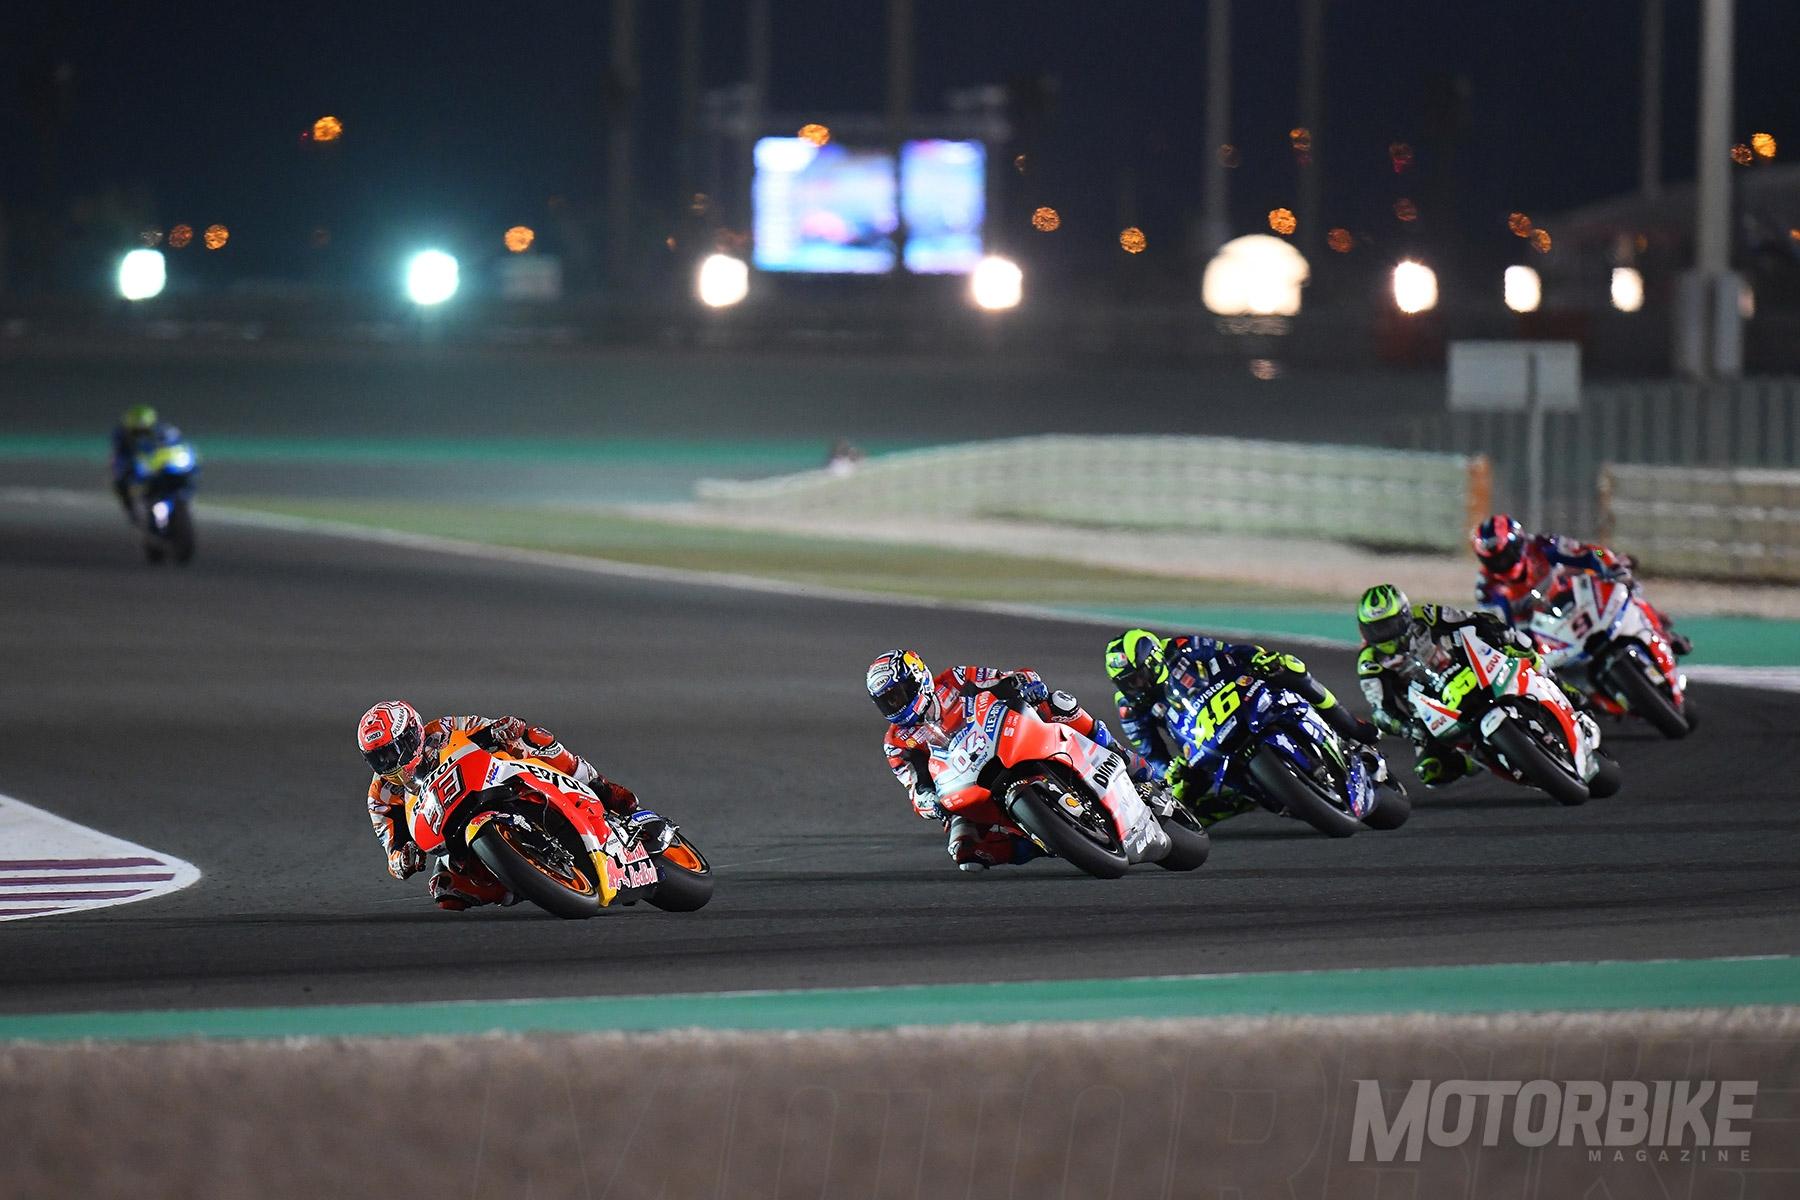 Teledeporte mantiene su apuesta por el Mundial de MotoGP en 2018 - Motorbike Magazine